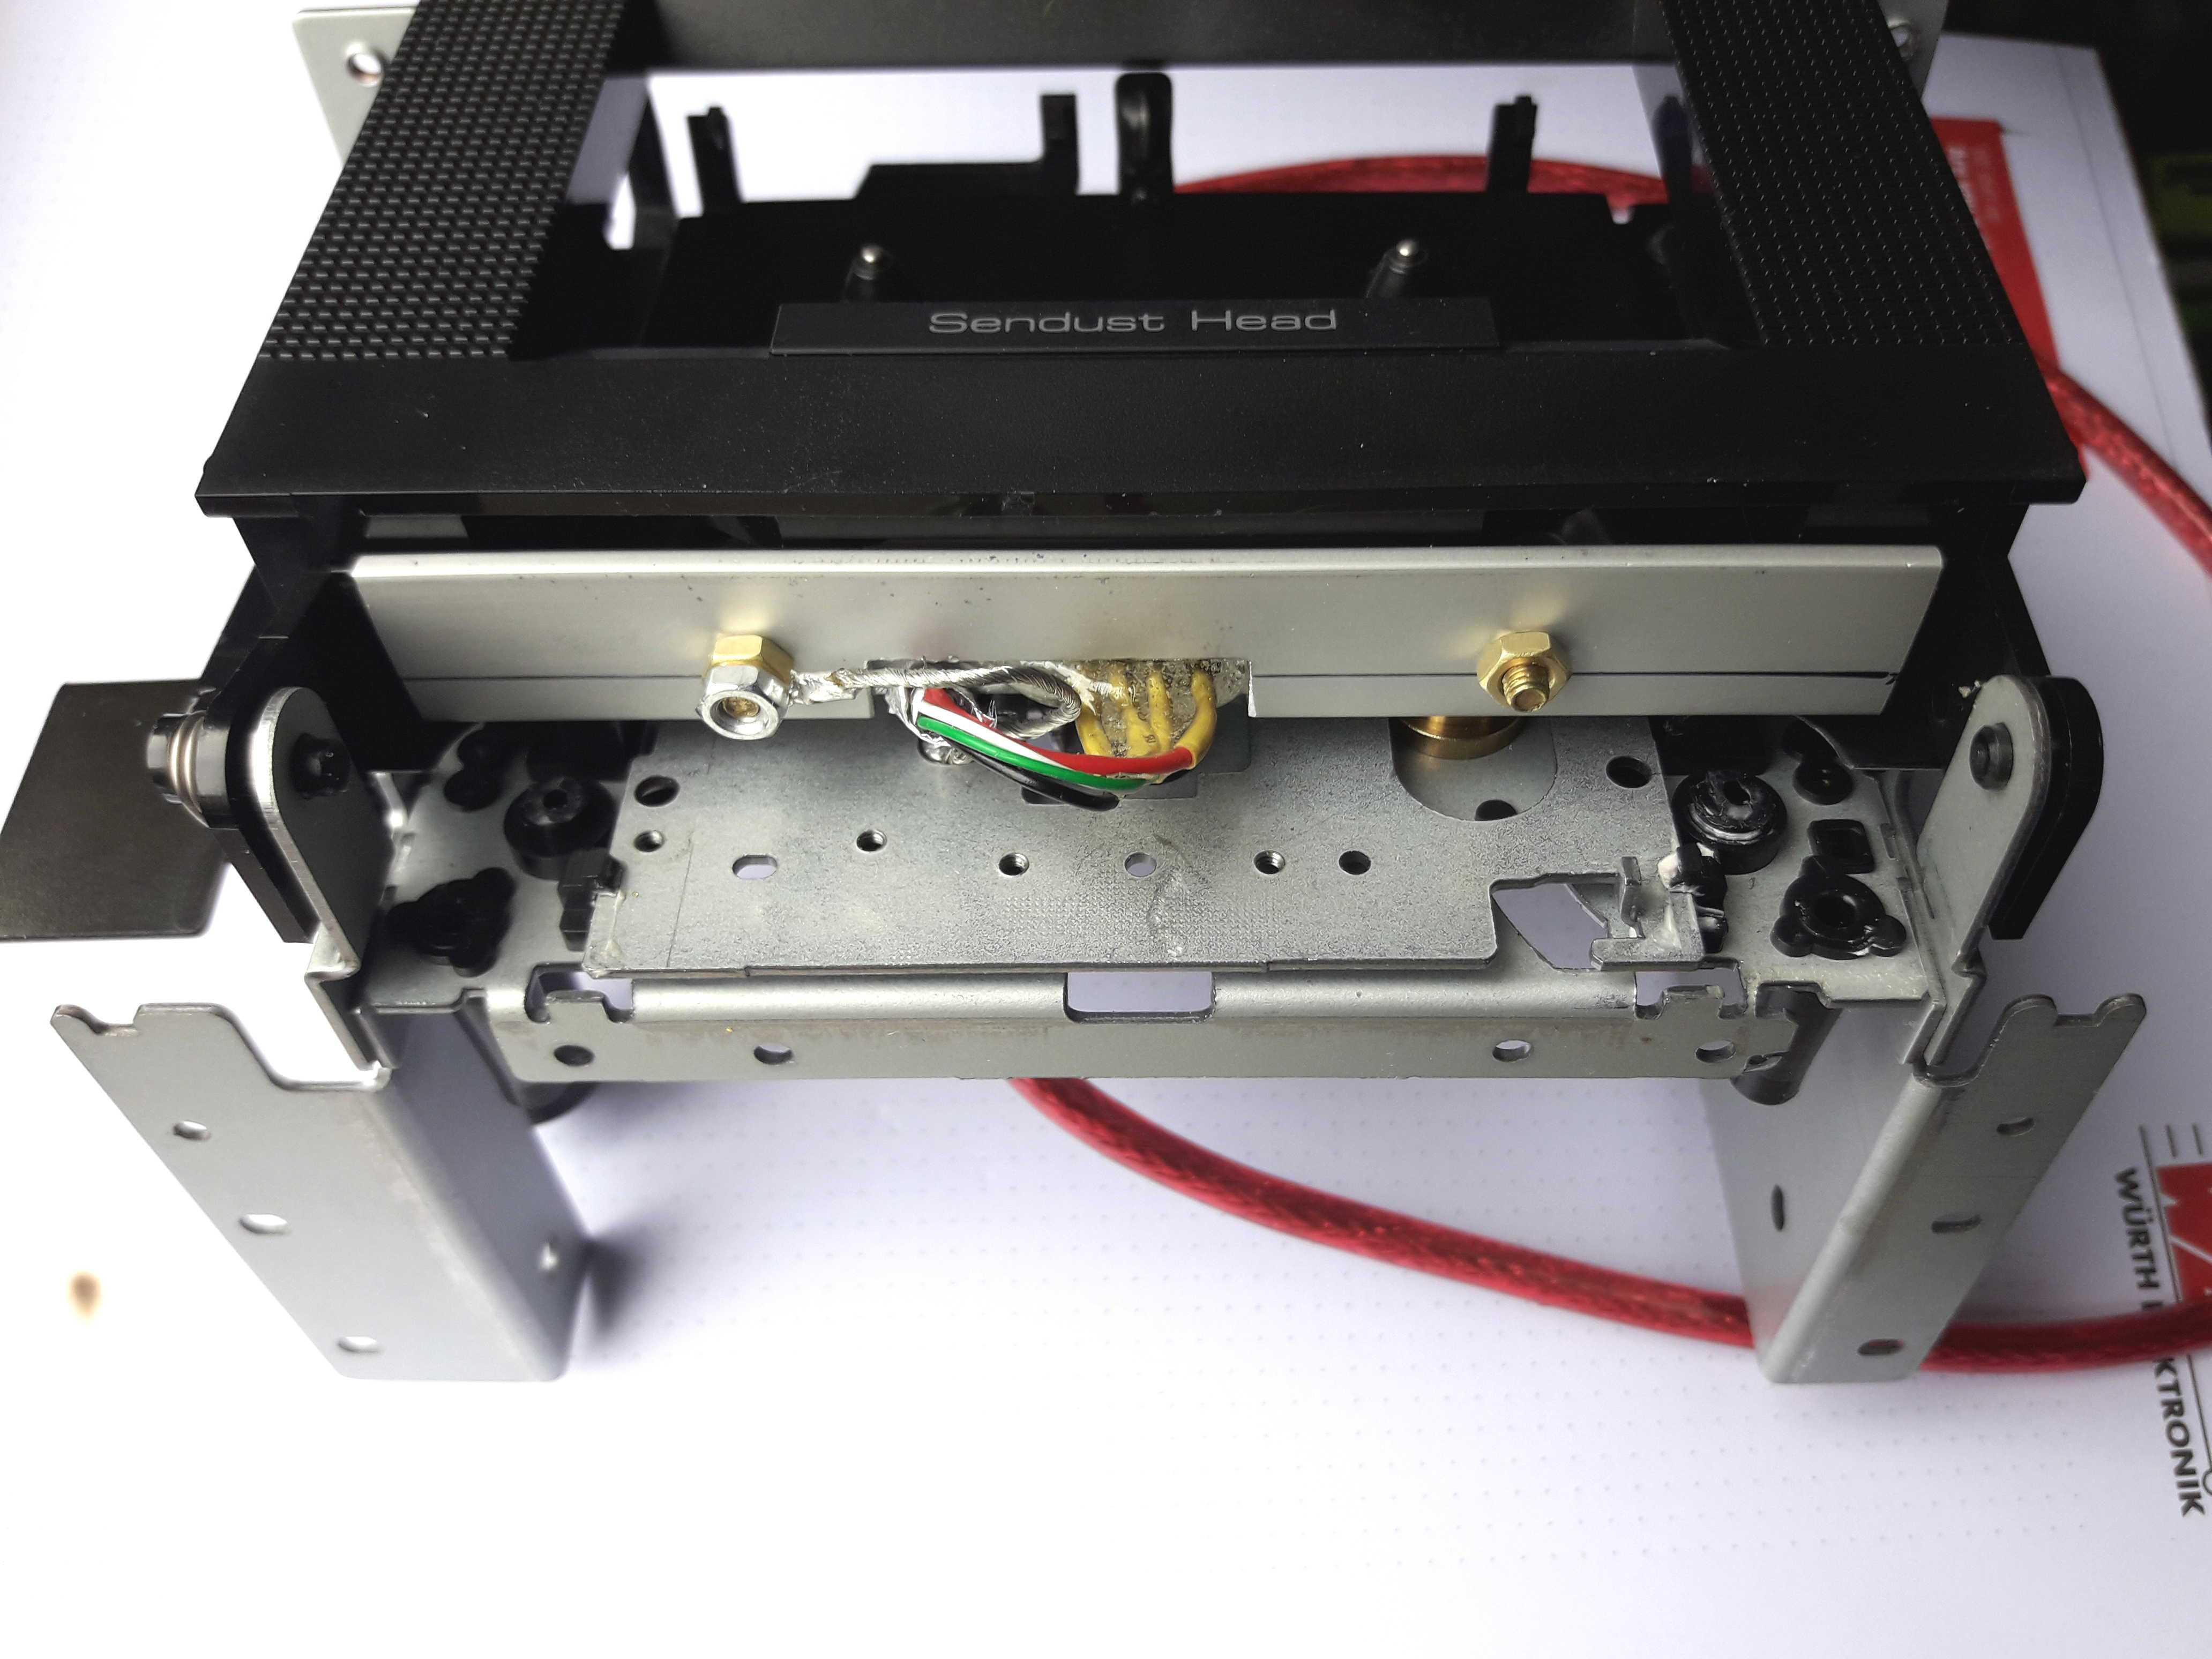 Blick auf die Unterseite der USBsettenaufnahme